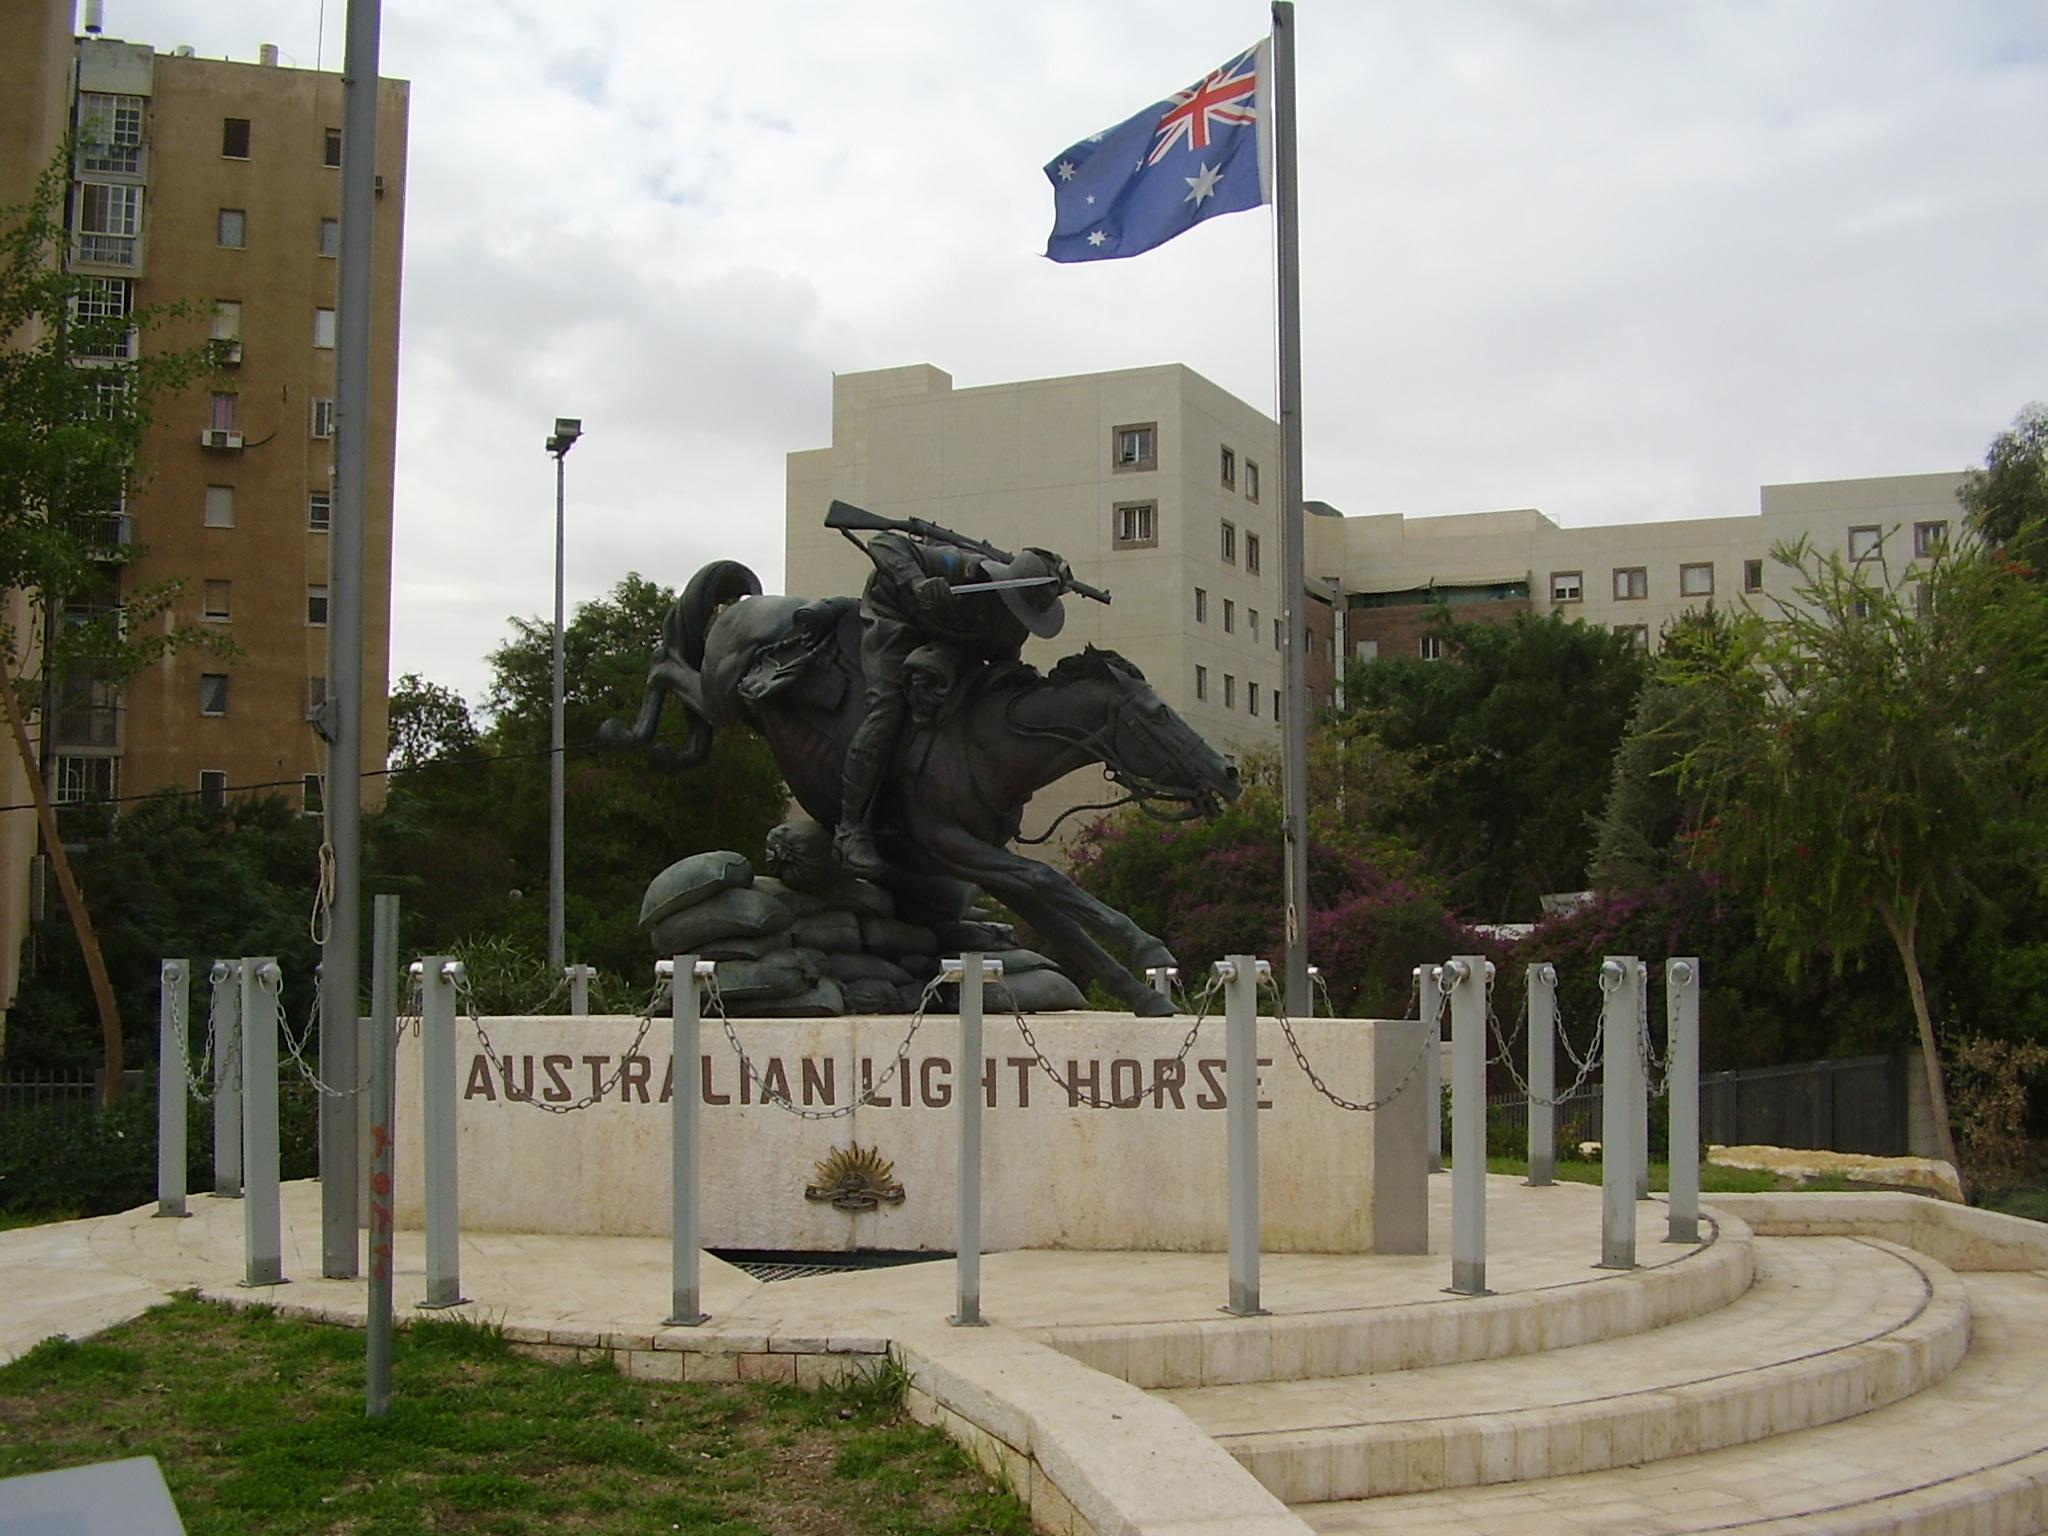 Australian Light Horse memorial at Beersheba.